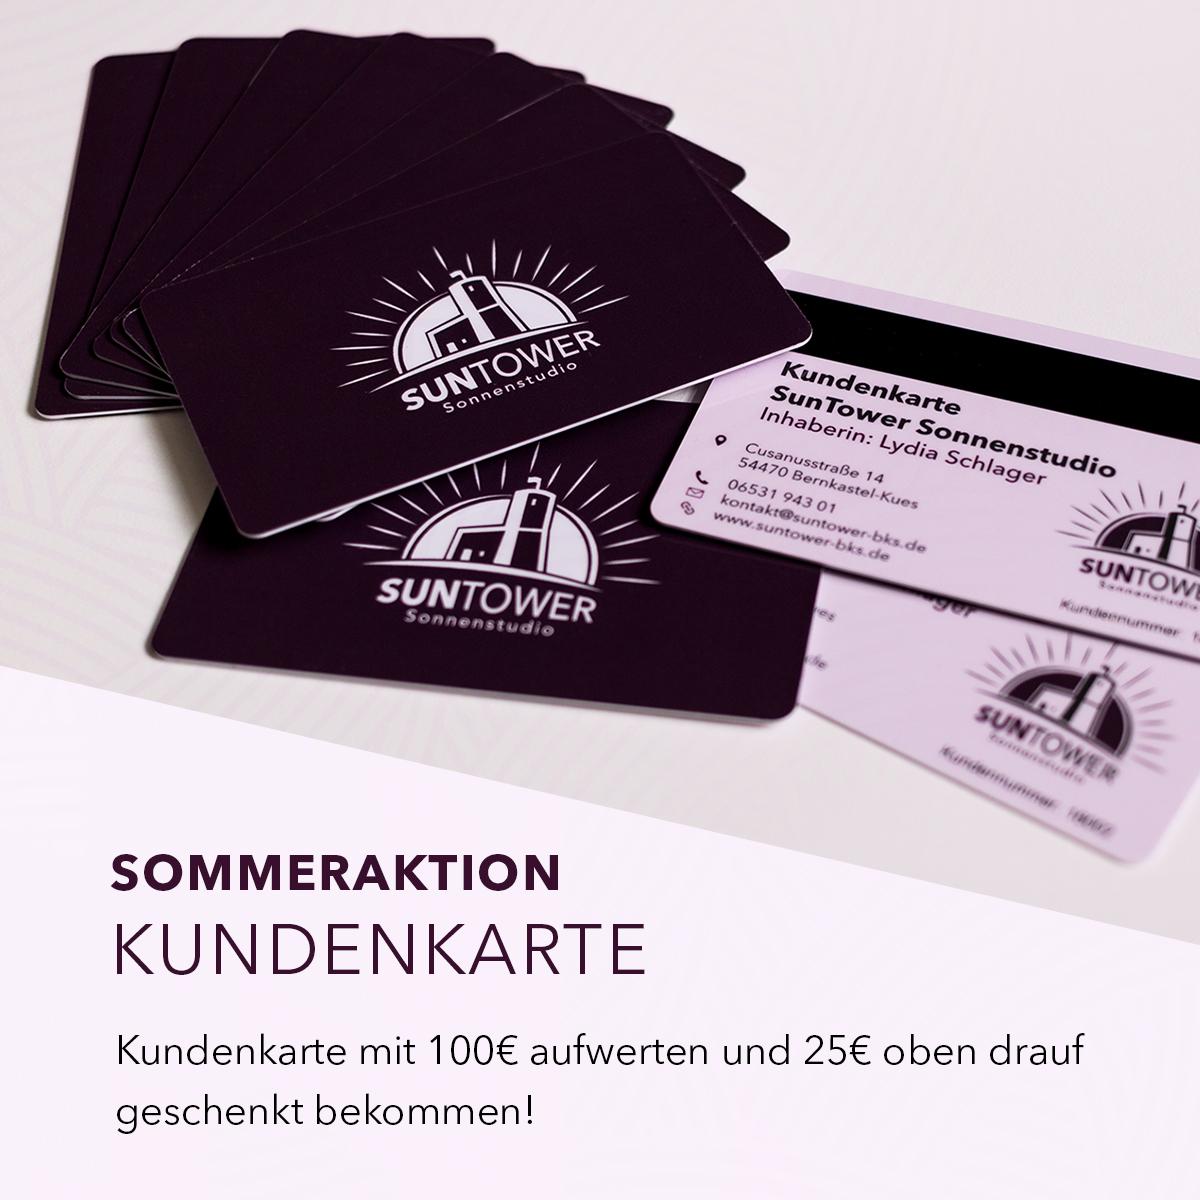 SunTower Sonnenstudio Bernkastel - Sommer Angebot